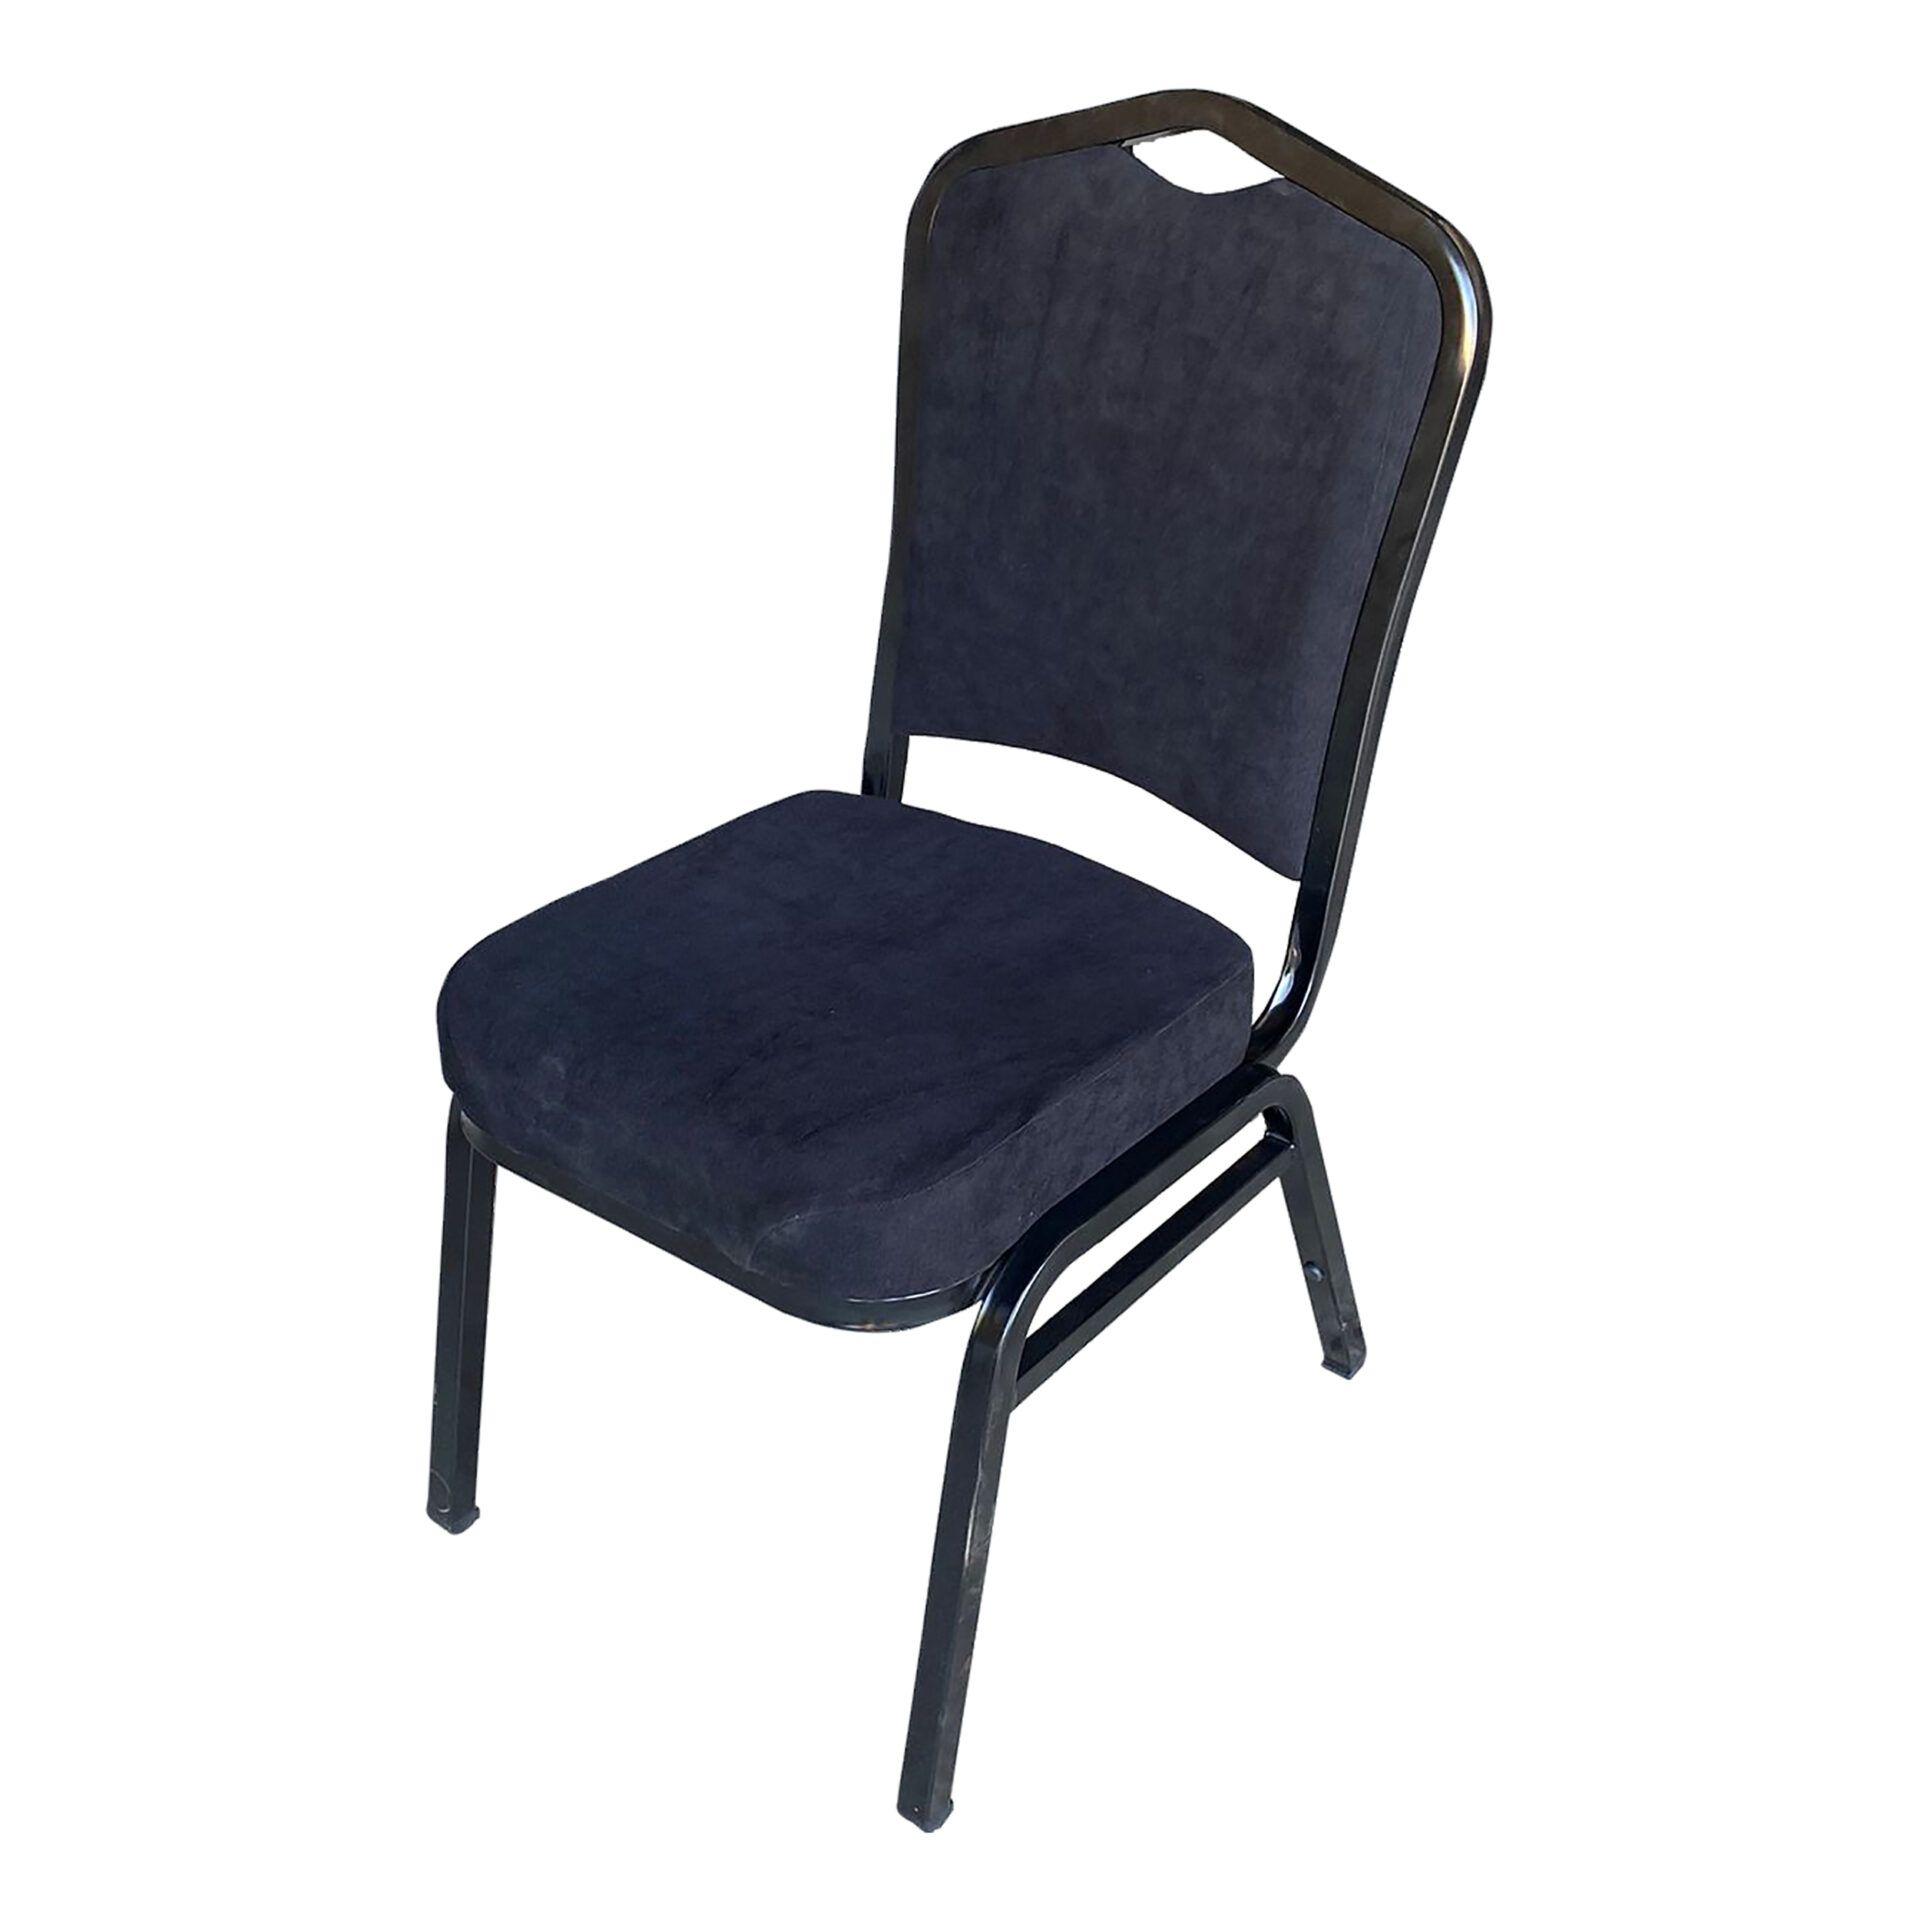 Vera01 Iron 9005 Black frameBlack lara 14 fabric 1 2500x2500 1